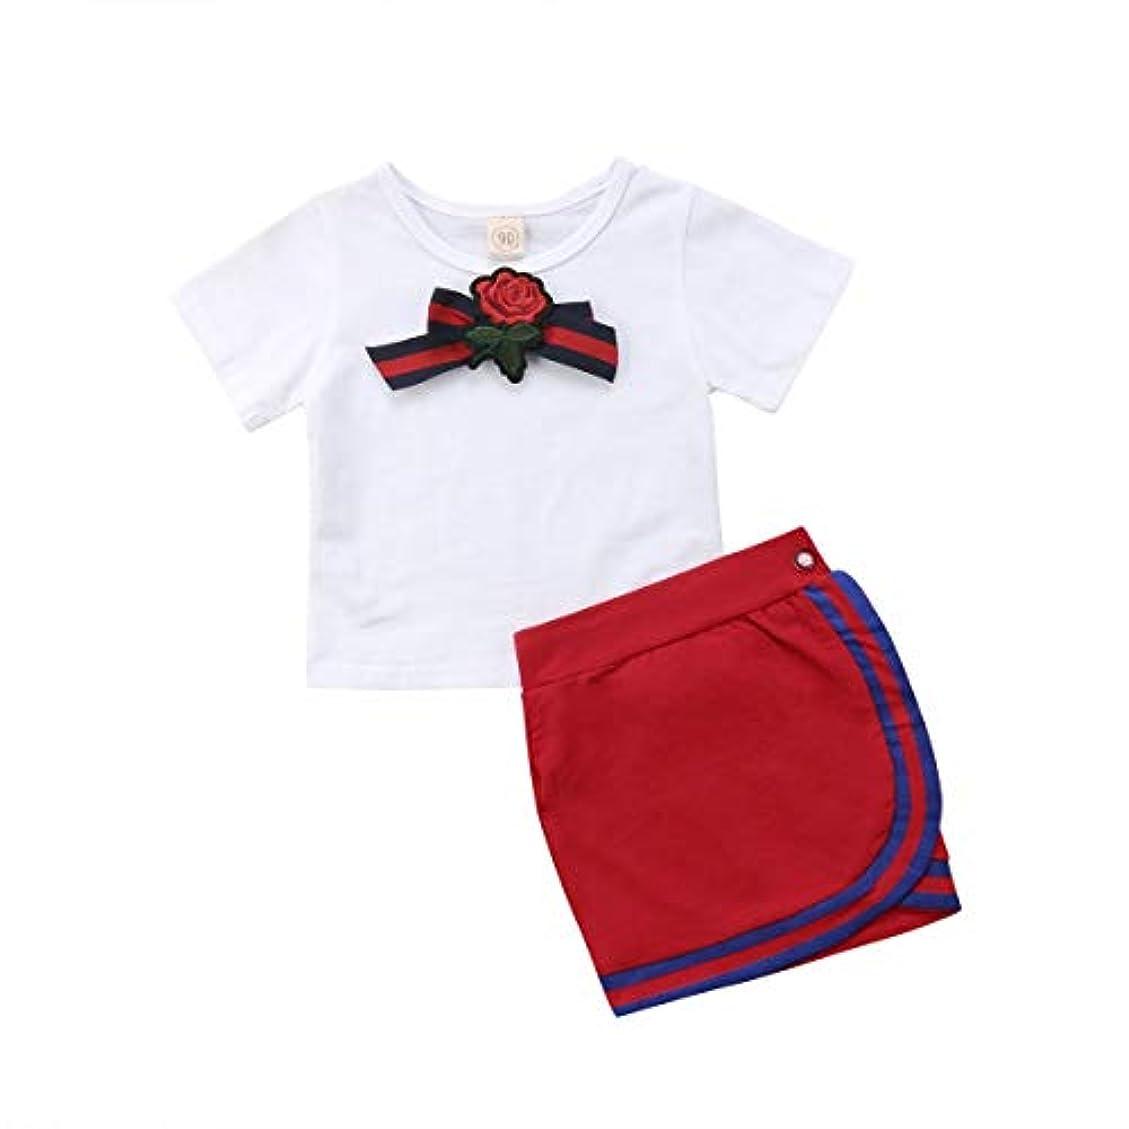 便益適応的選出するOnderroa - 女子制服新生児キッズベビー は蝶の花タイのTシャツショートミニスカートパーティーウェディングチュチュドレストップス設定します。